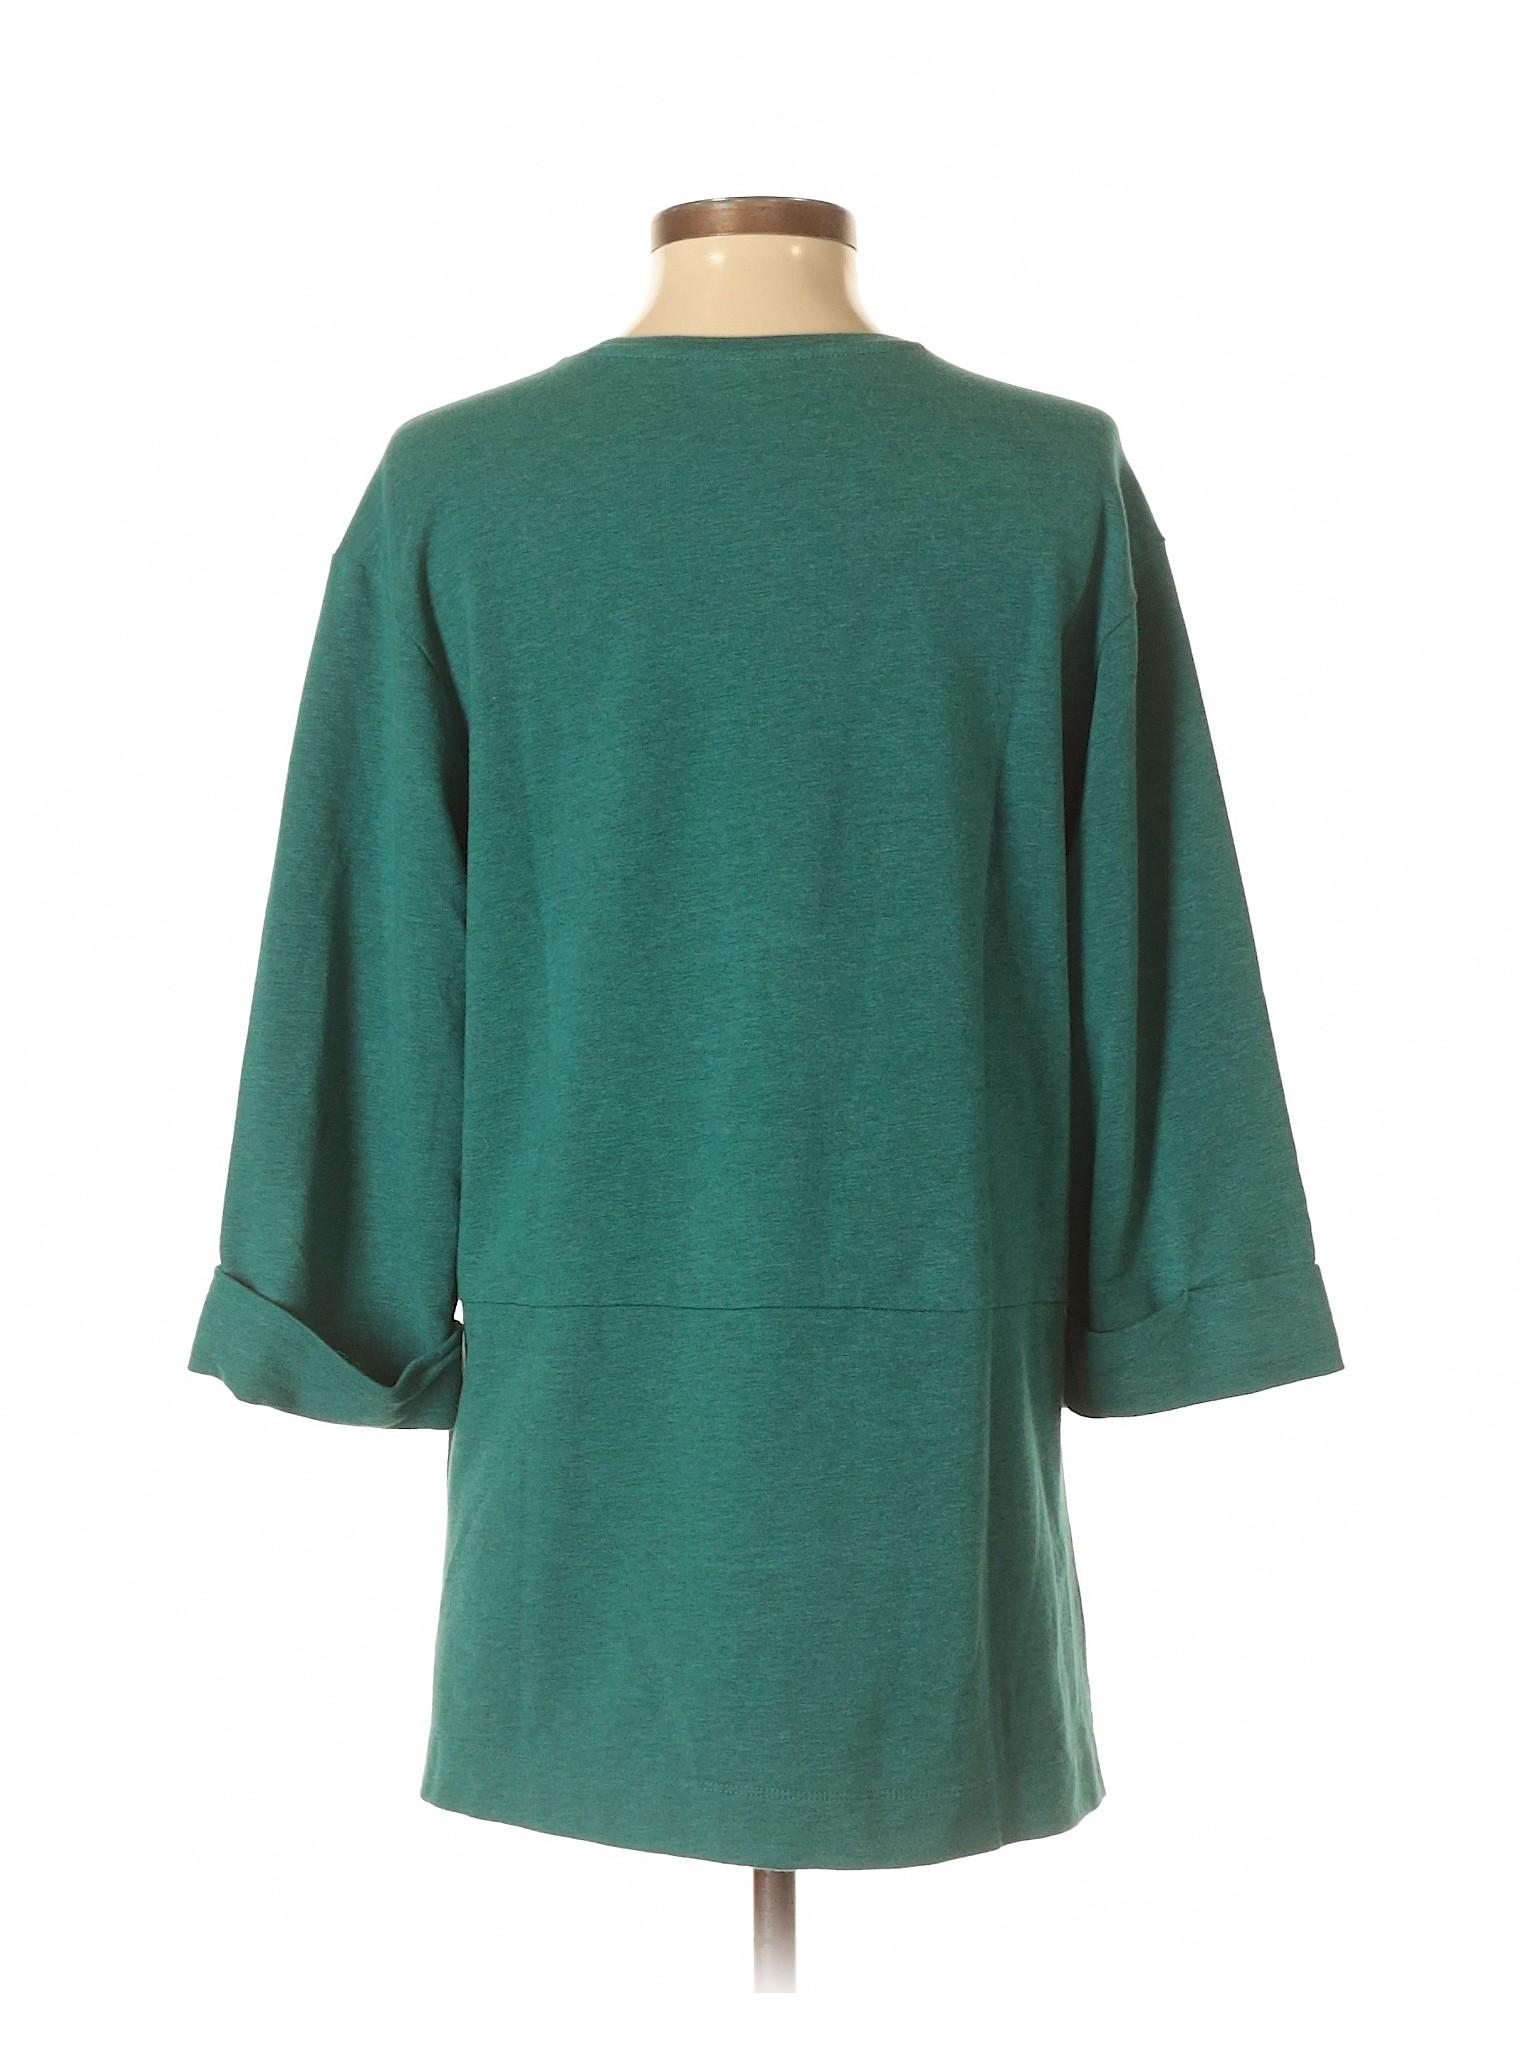 Pullover Purejill Sweater Purejill Pullover Pullover Boutique Boutique Sweater Boutique Sweater Purejill Boutique Purejill qIBvpZ